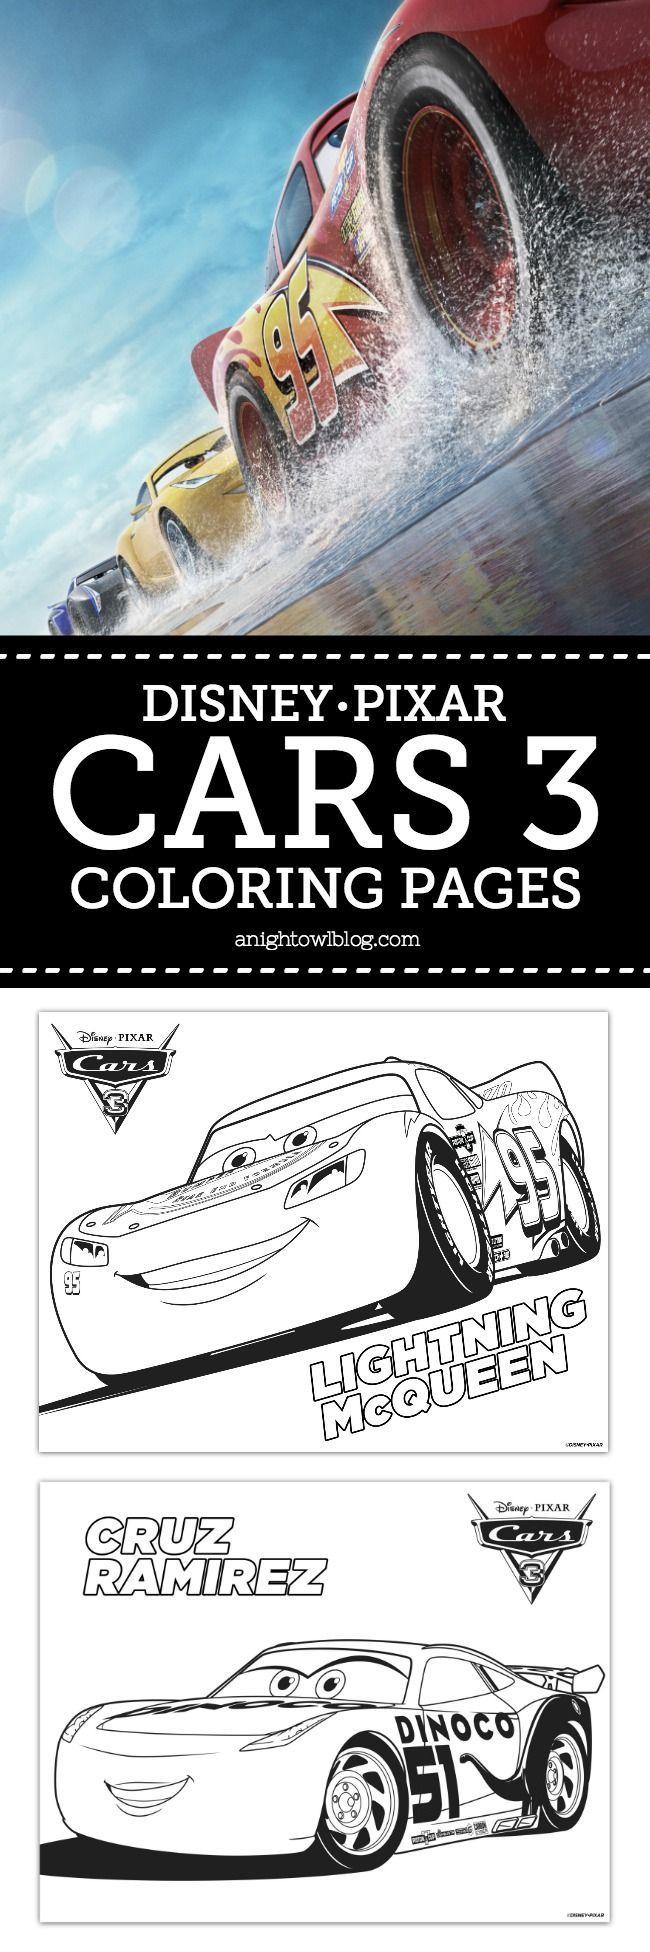 Disney Pixar Cars 3 Coloring Pages | Disney Pixar Cars